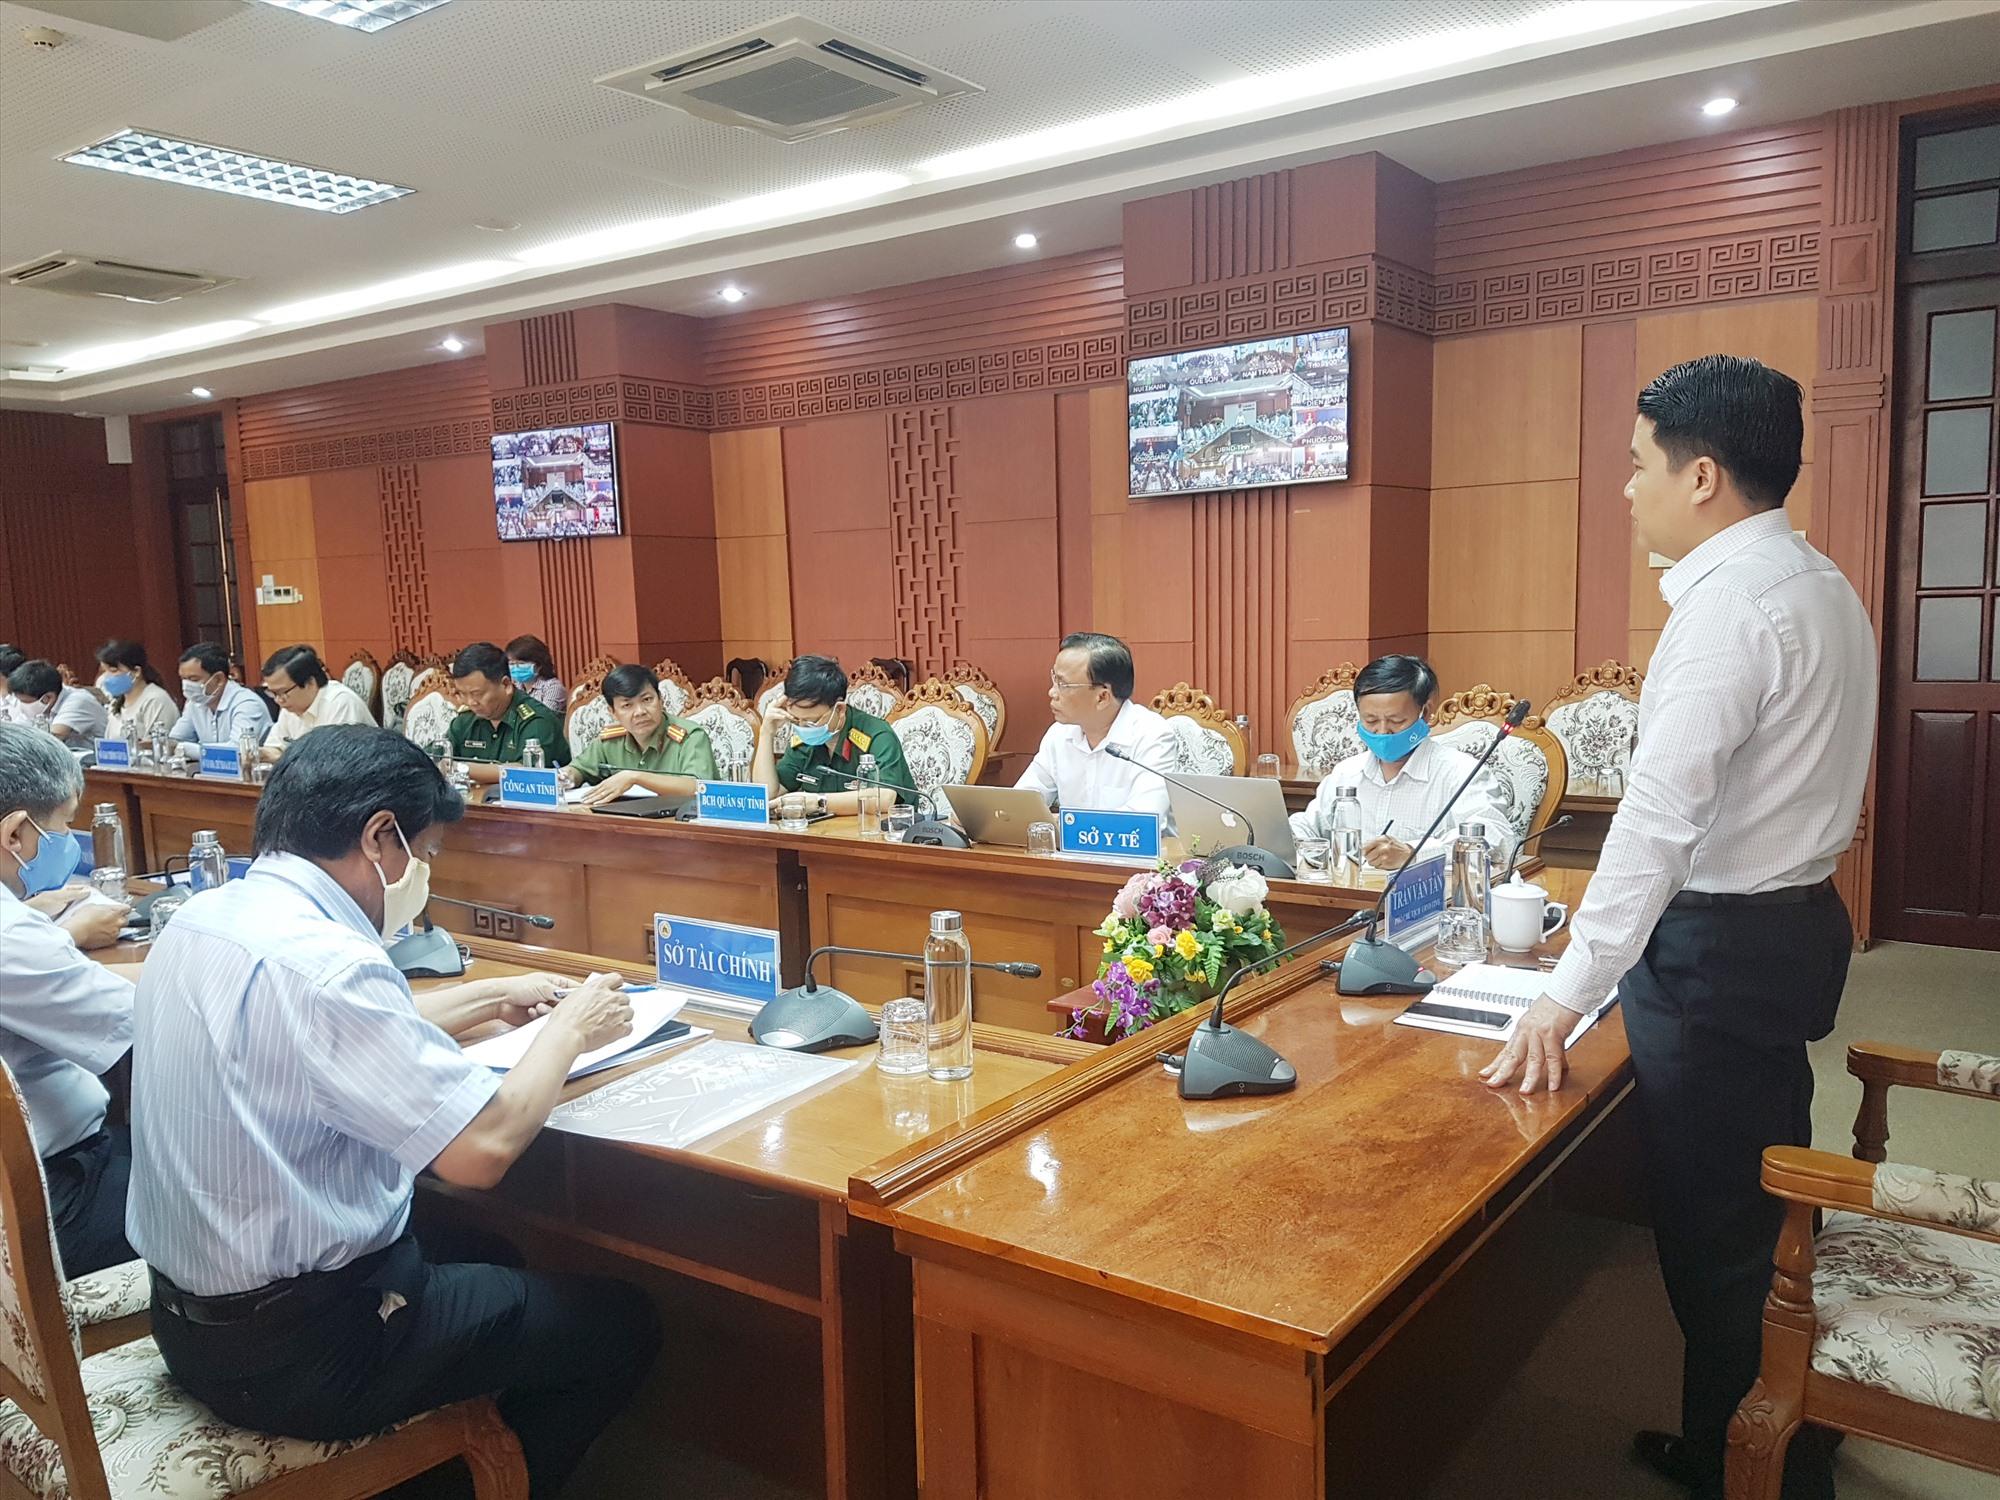 Phó Chủ tịch UBND tỉnh Trần Văn Tân yêu cầu mỗi địa phương bắt buộc phải có kịch bản tốt nhất cho tình huống xấu nhất. Ảnh: D.L